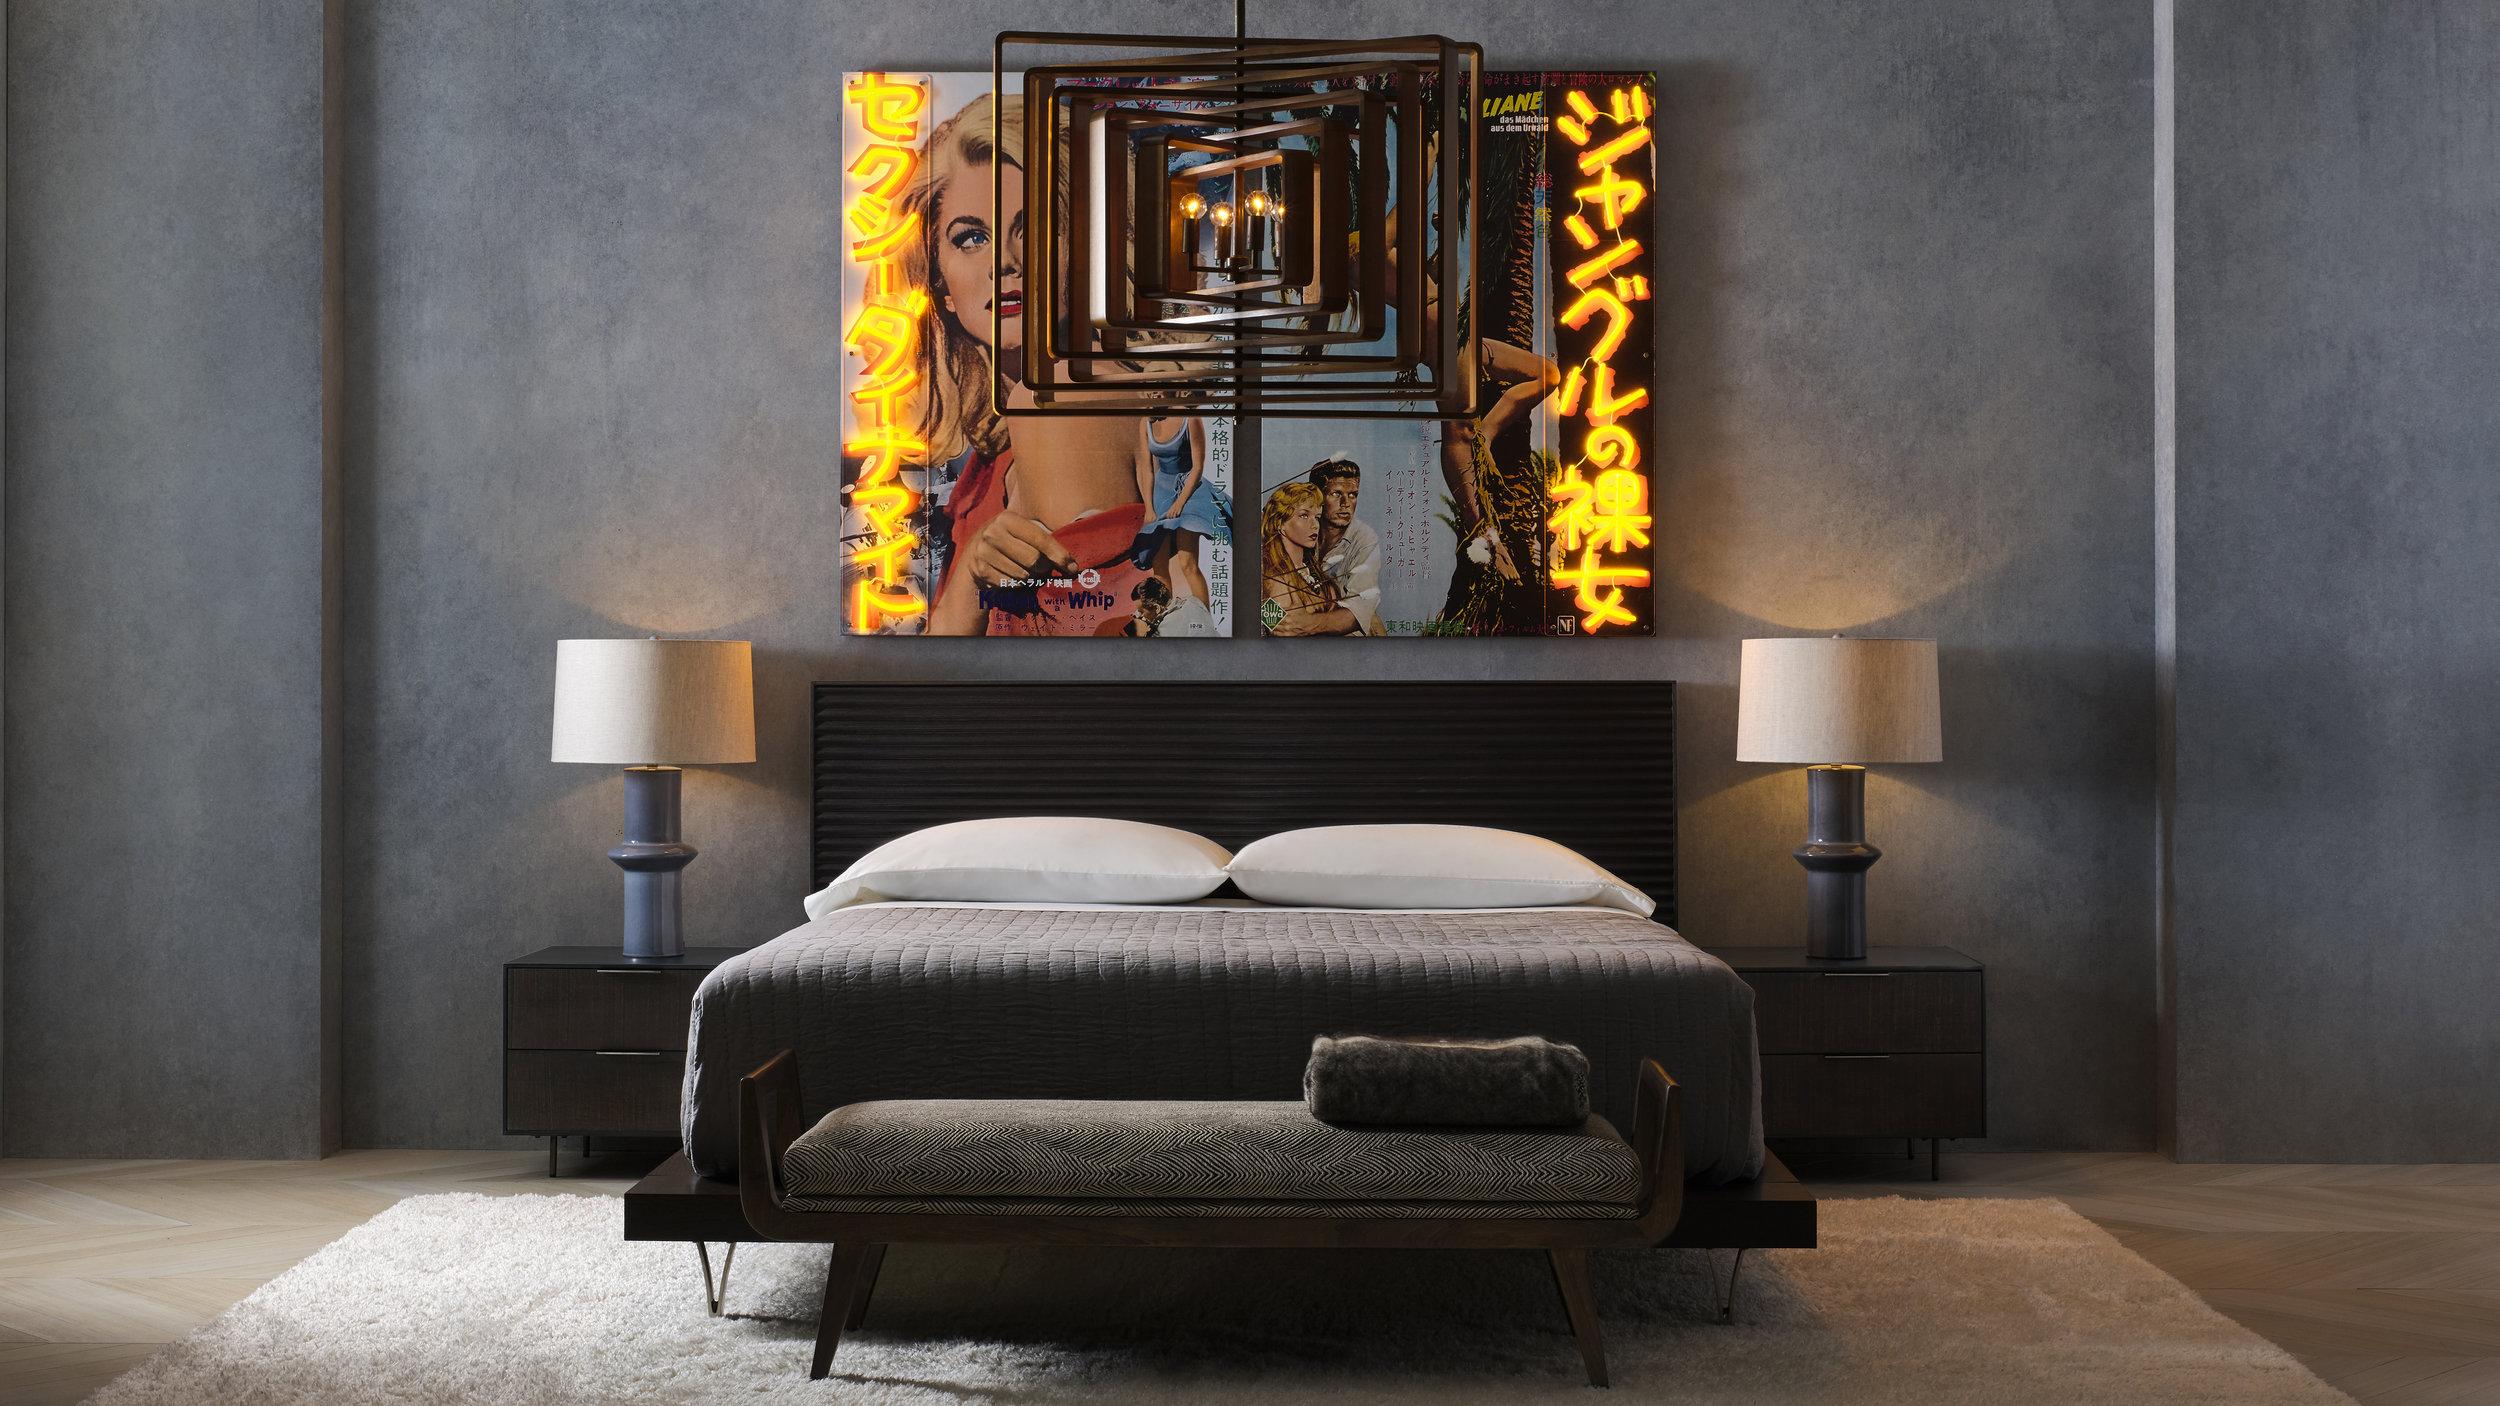 1850_Groms_Downtown_Bedroom_Overview_085_16X9.jpg